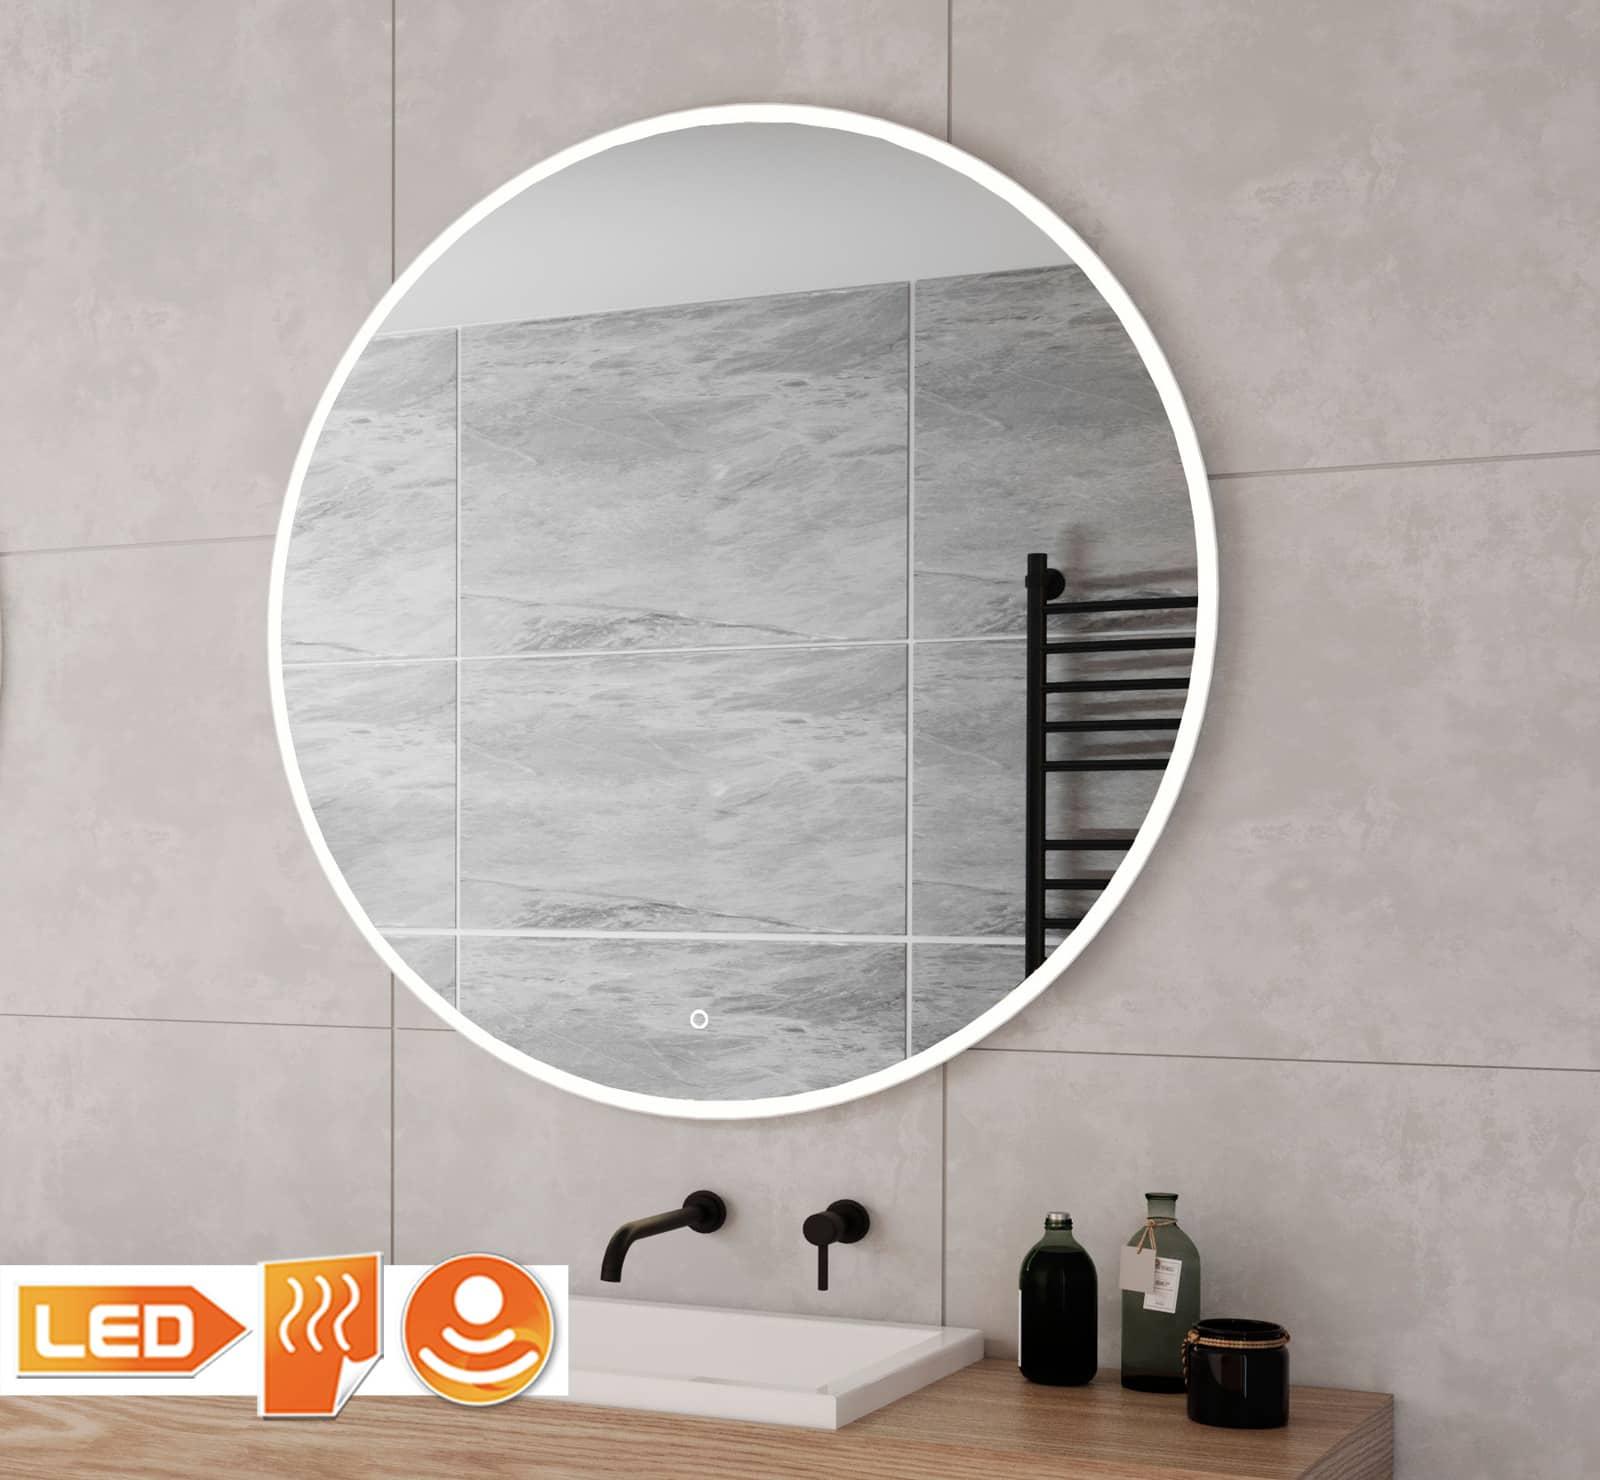 Witte ronde badkamer spiegel grijze tegel met led verlichting en verwarming